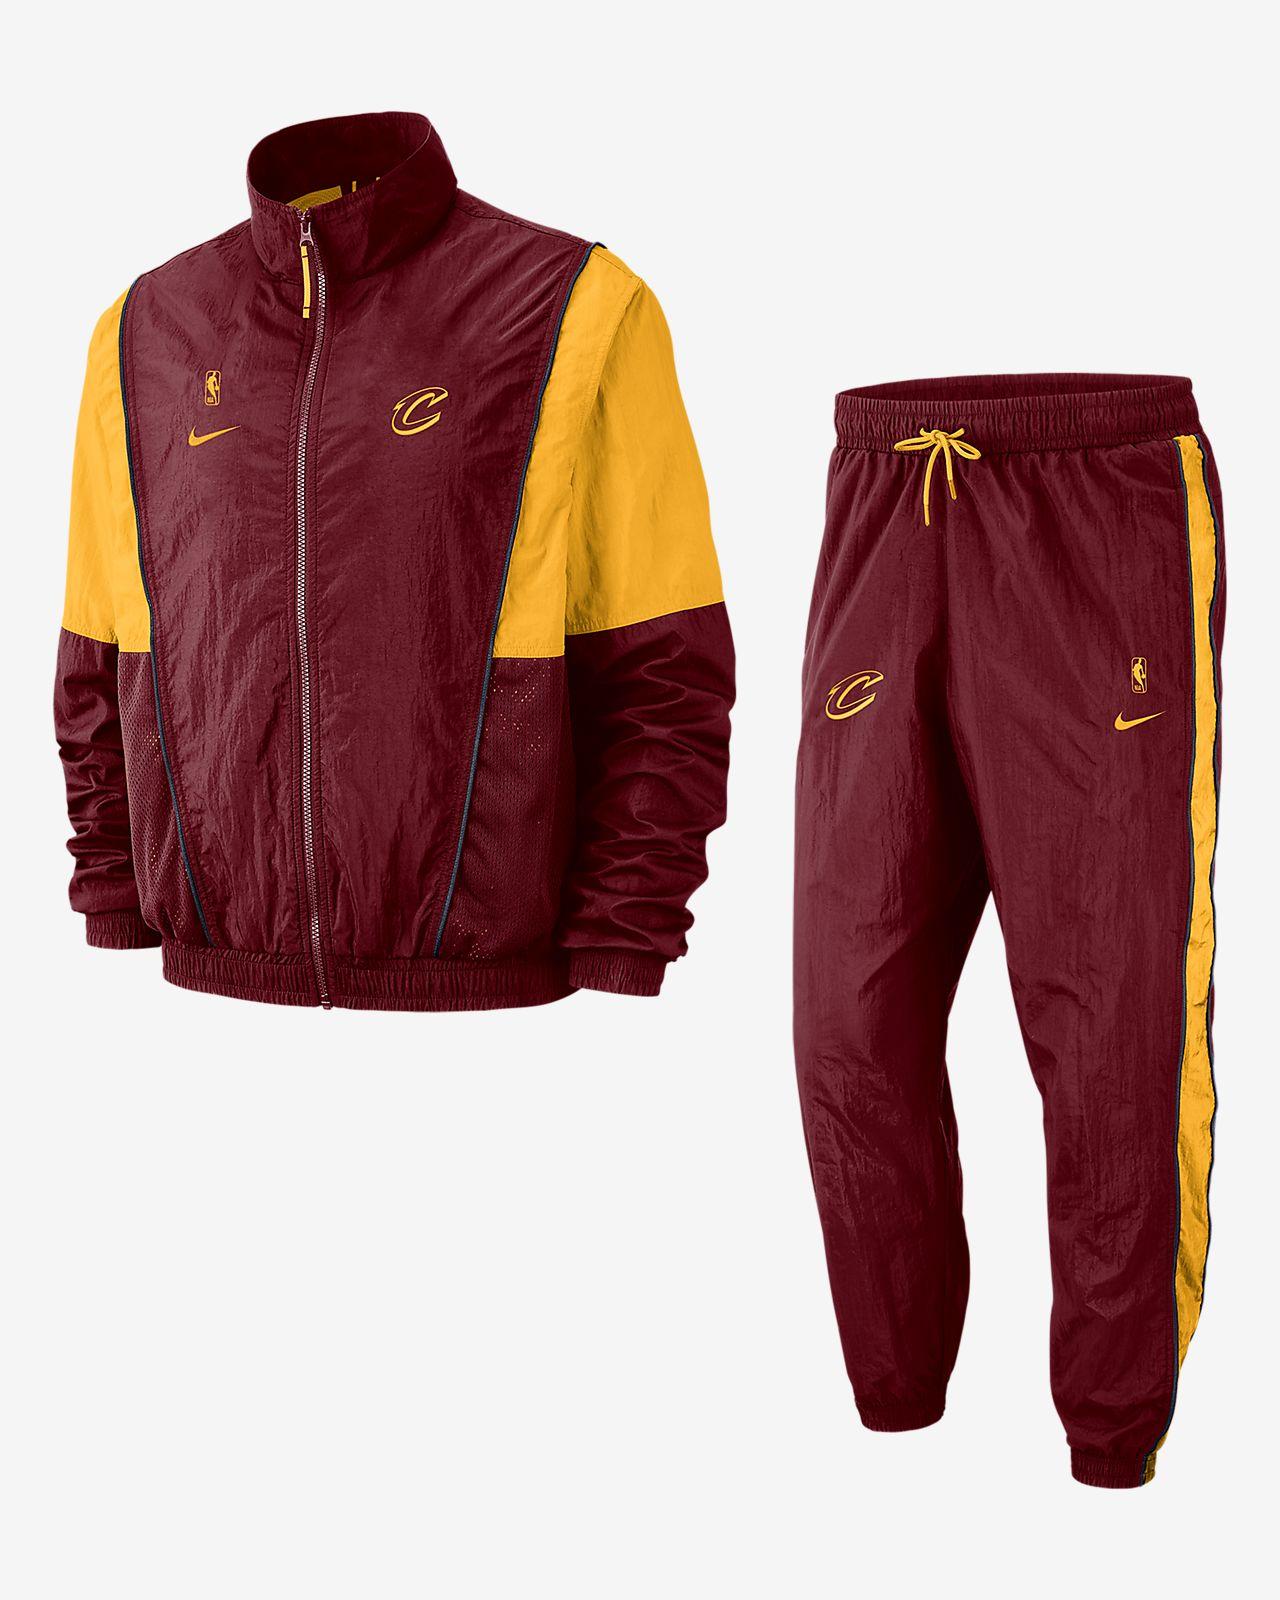 Cleveland Cavaliers Nike NBA-Trainingsanzug für Herren